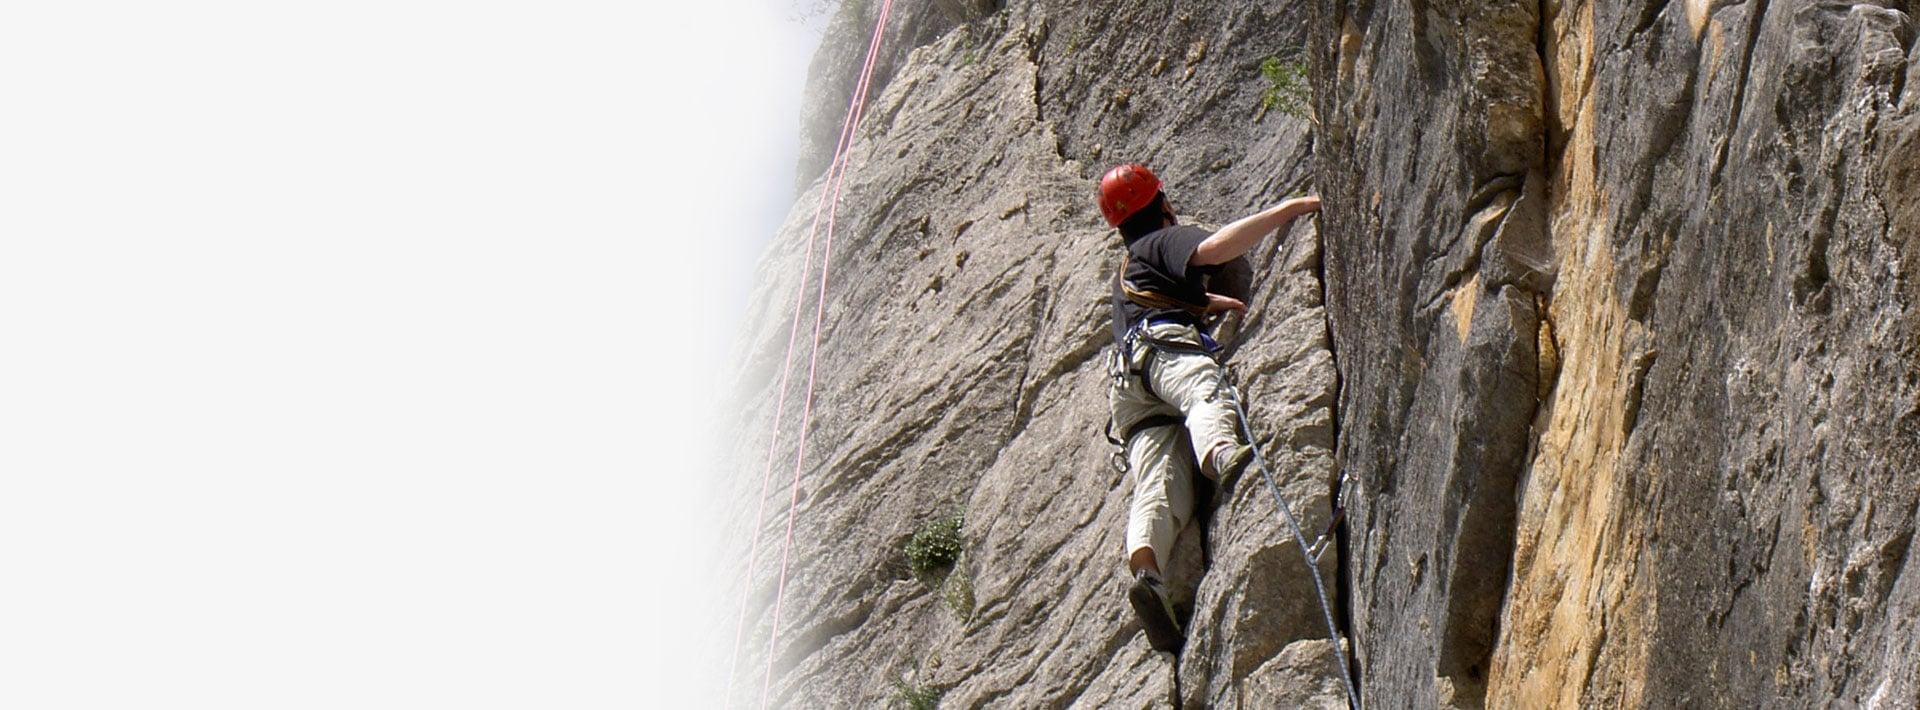 Bis an die Spitze klettern und Vertrauen aufbauen